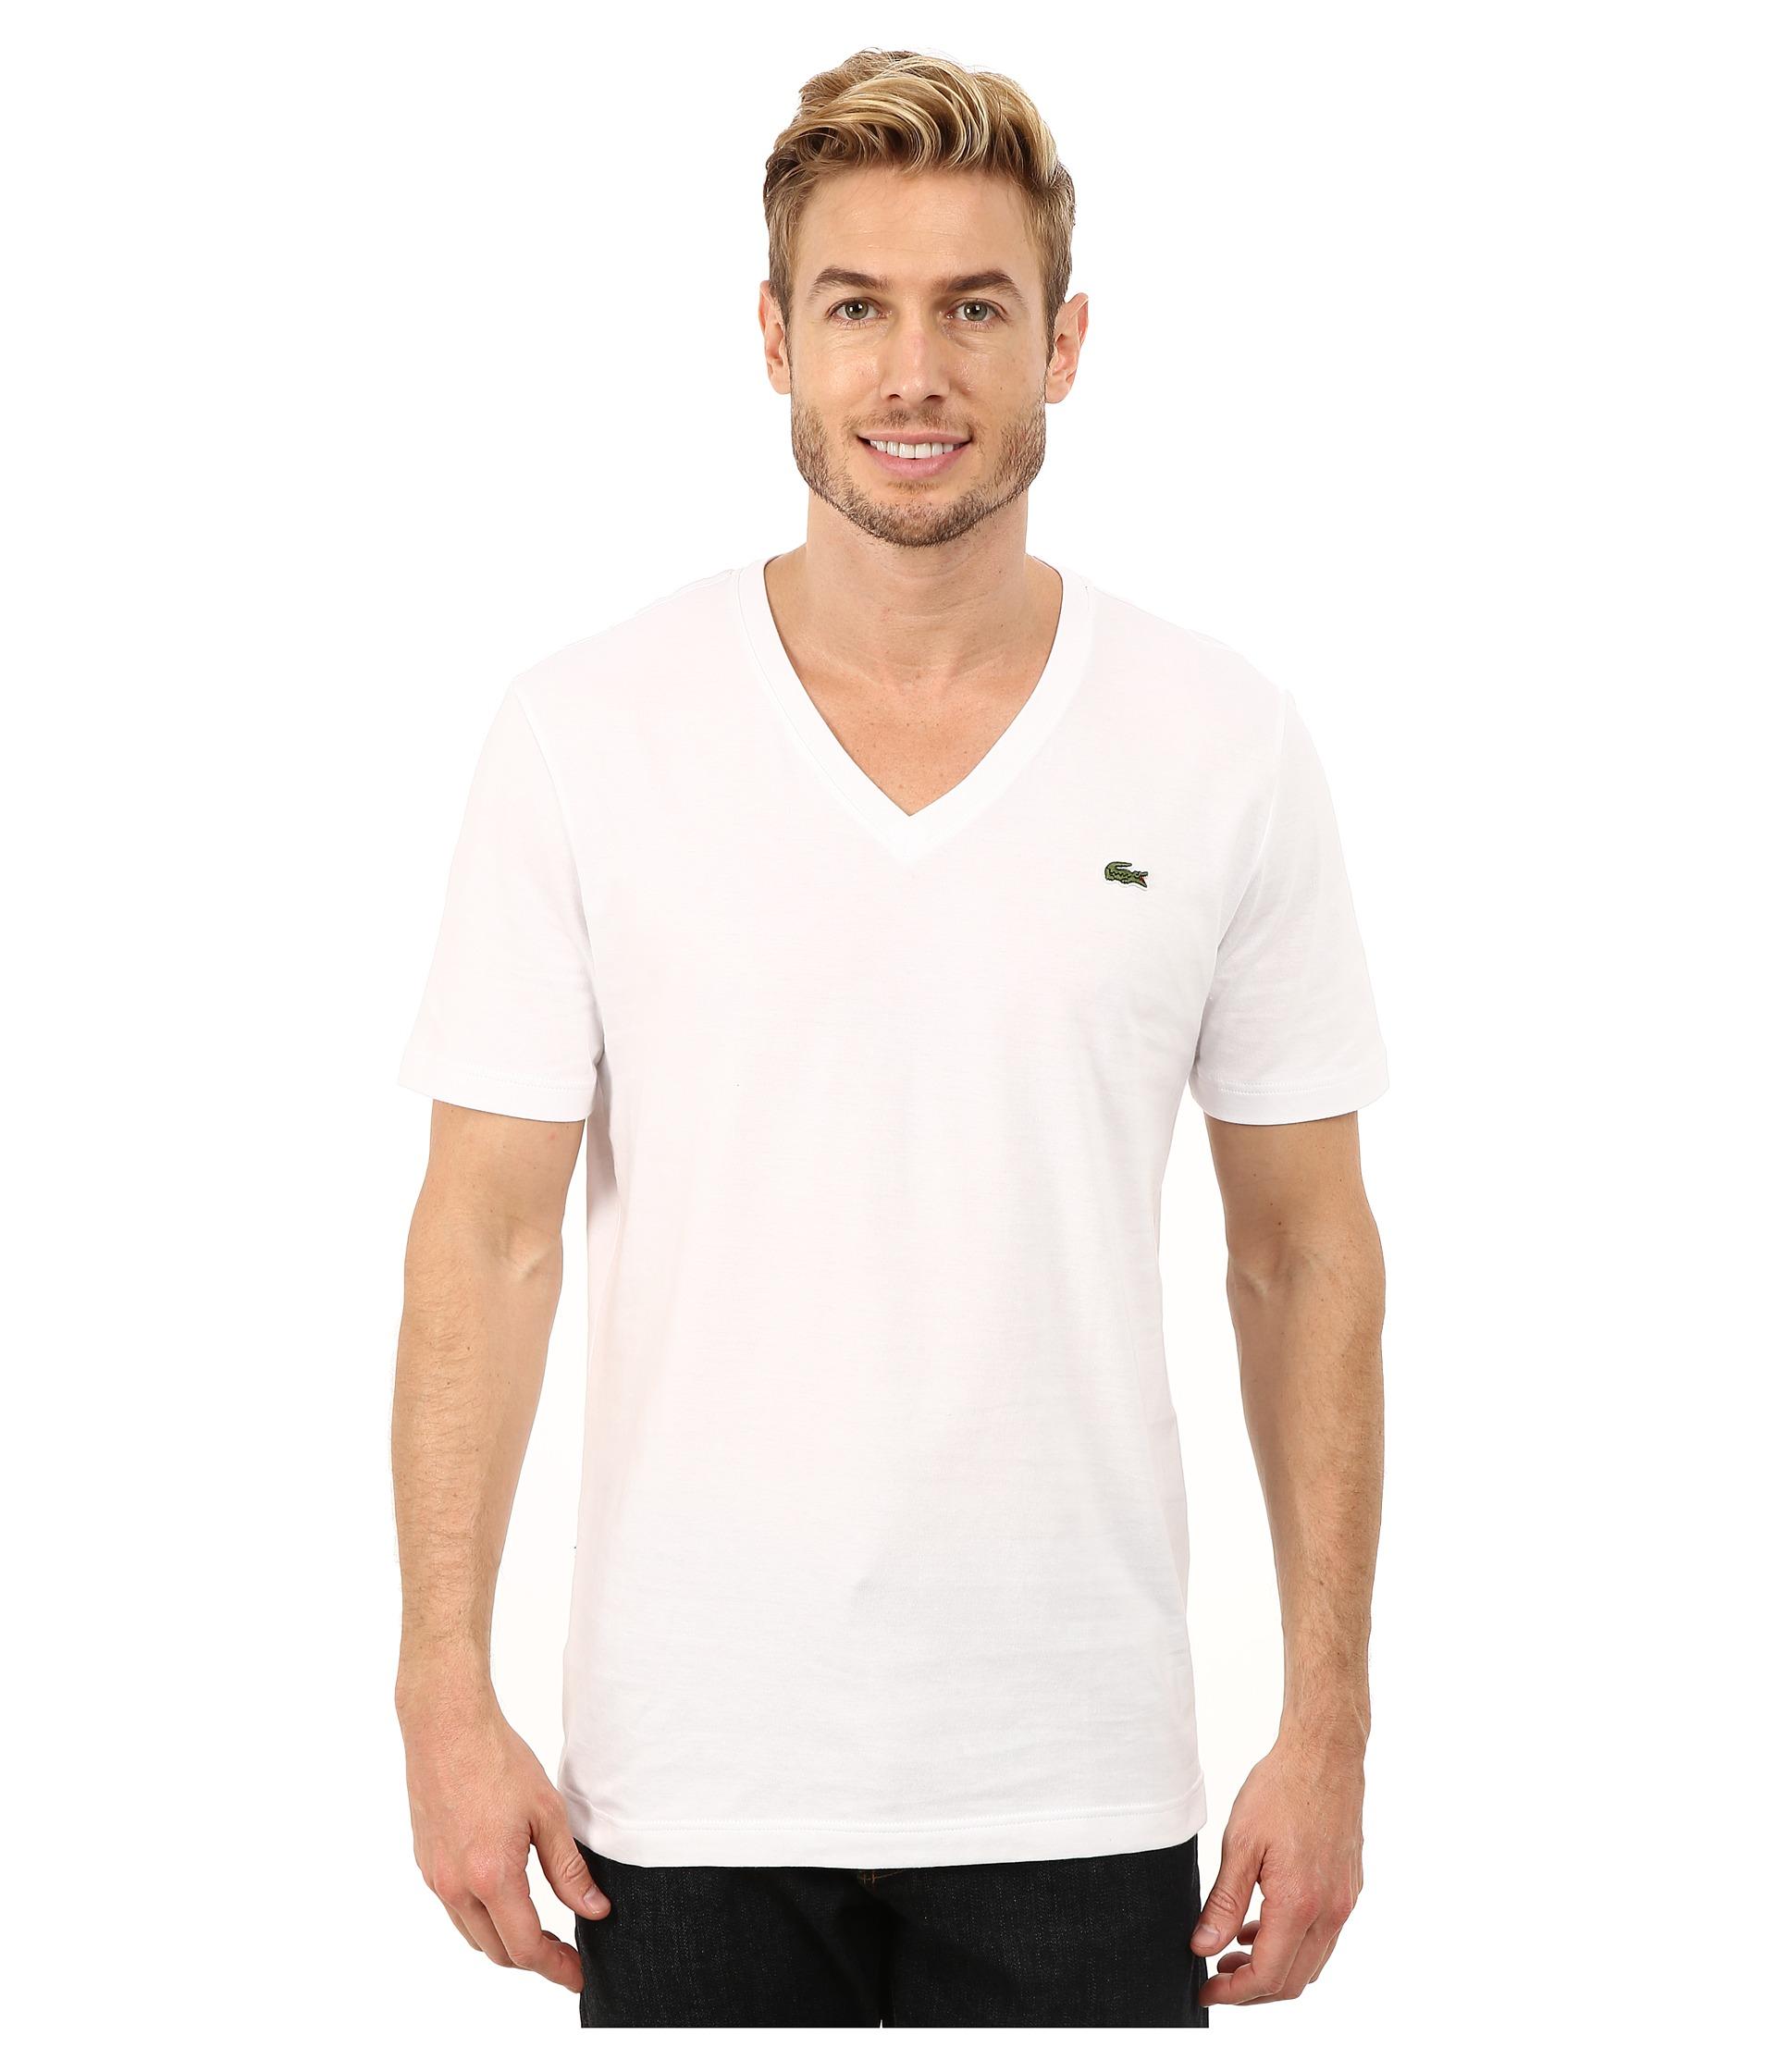 lacoste l ve short sleeve v neck tee shirt white zappos. Black Bedroom Furniture Sets. Home Design Ideas